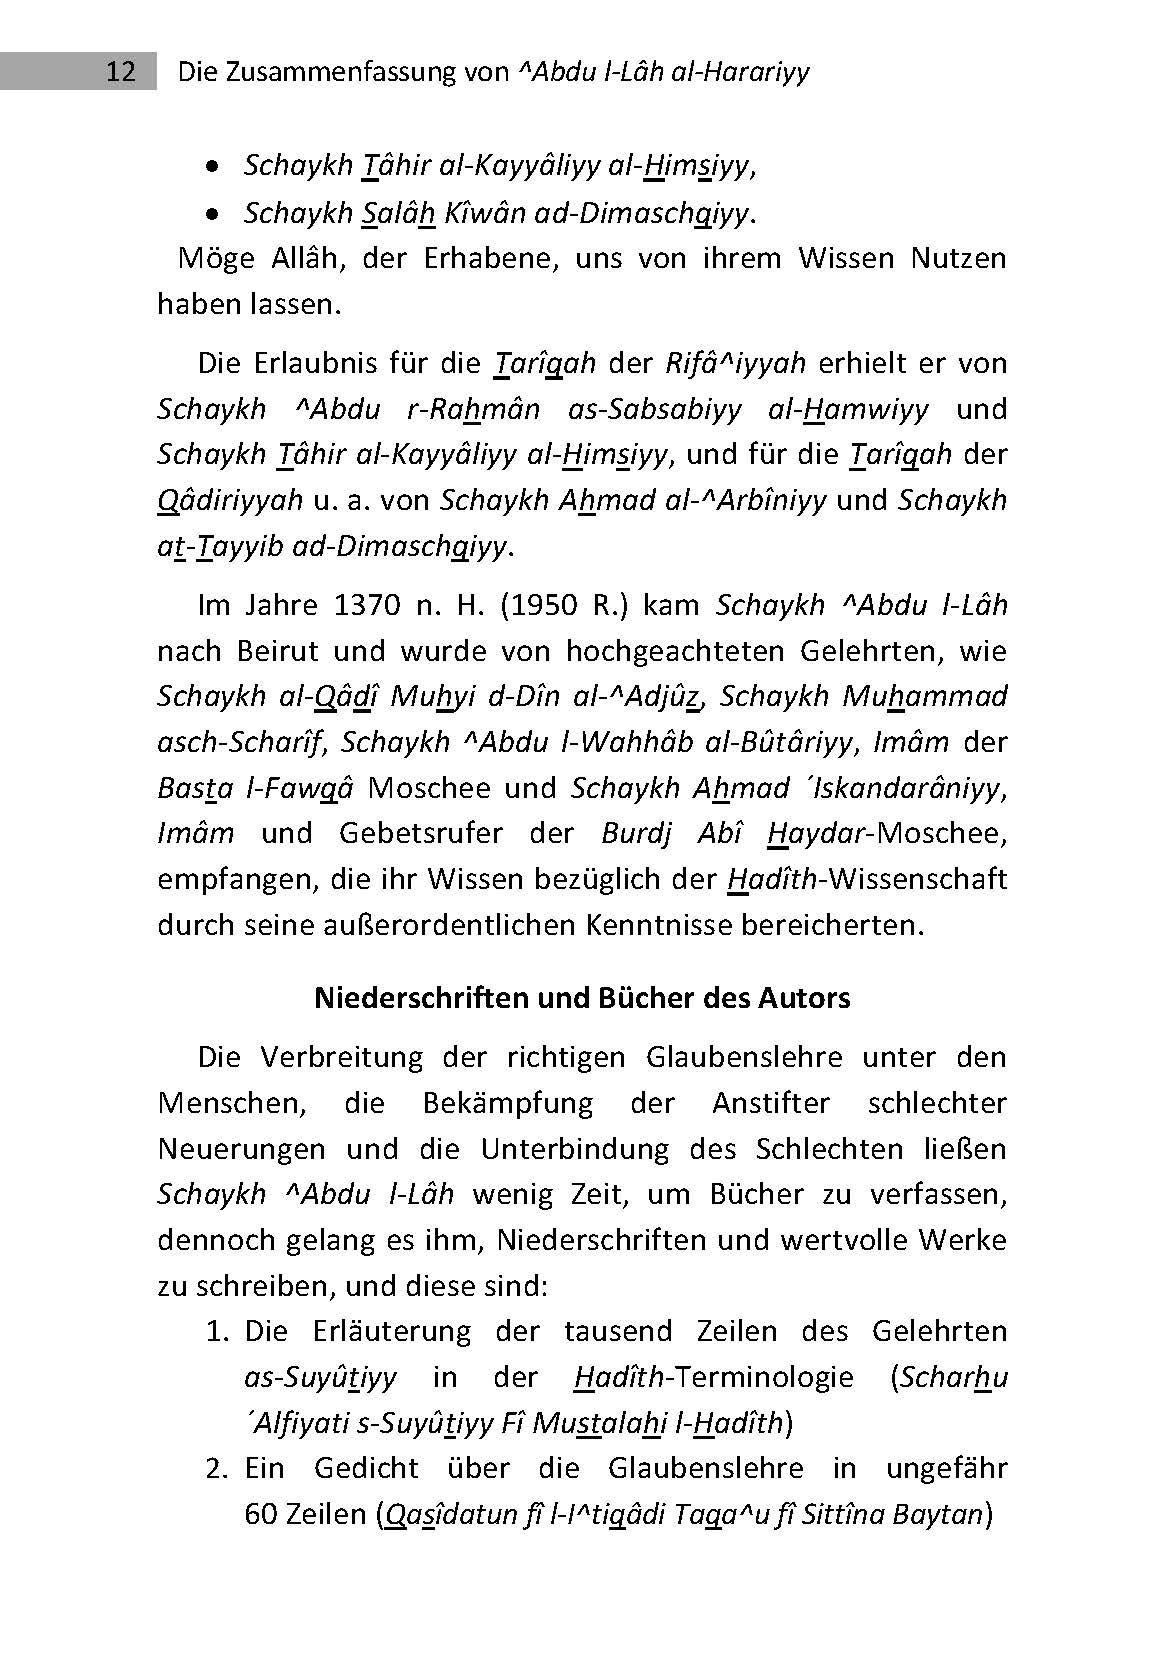 Die Zusammenfassung - 3. Auflage 2014_Seite_12